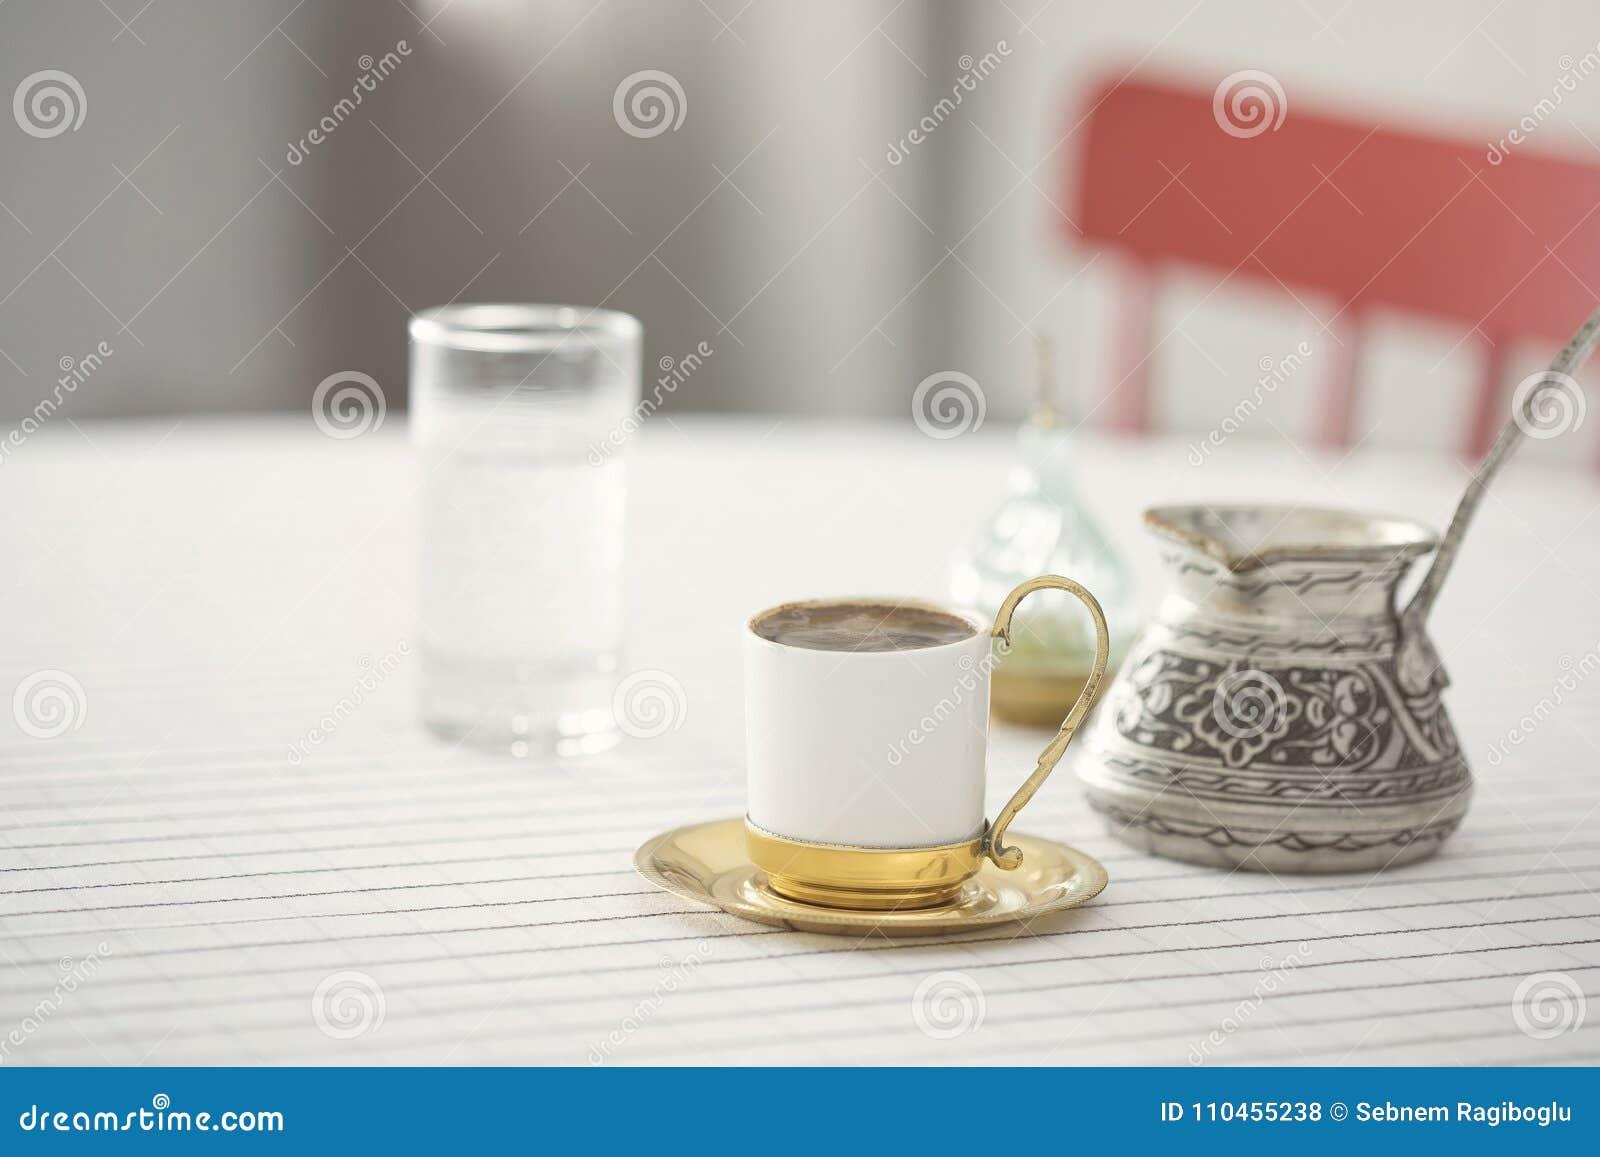 Aktivering för turkiskt kaffe på köksbordet